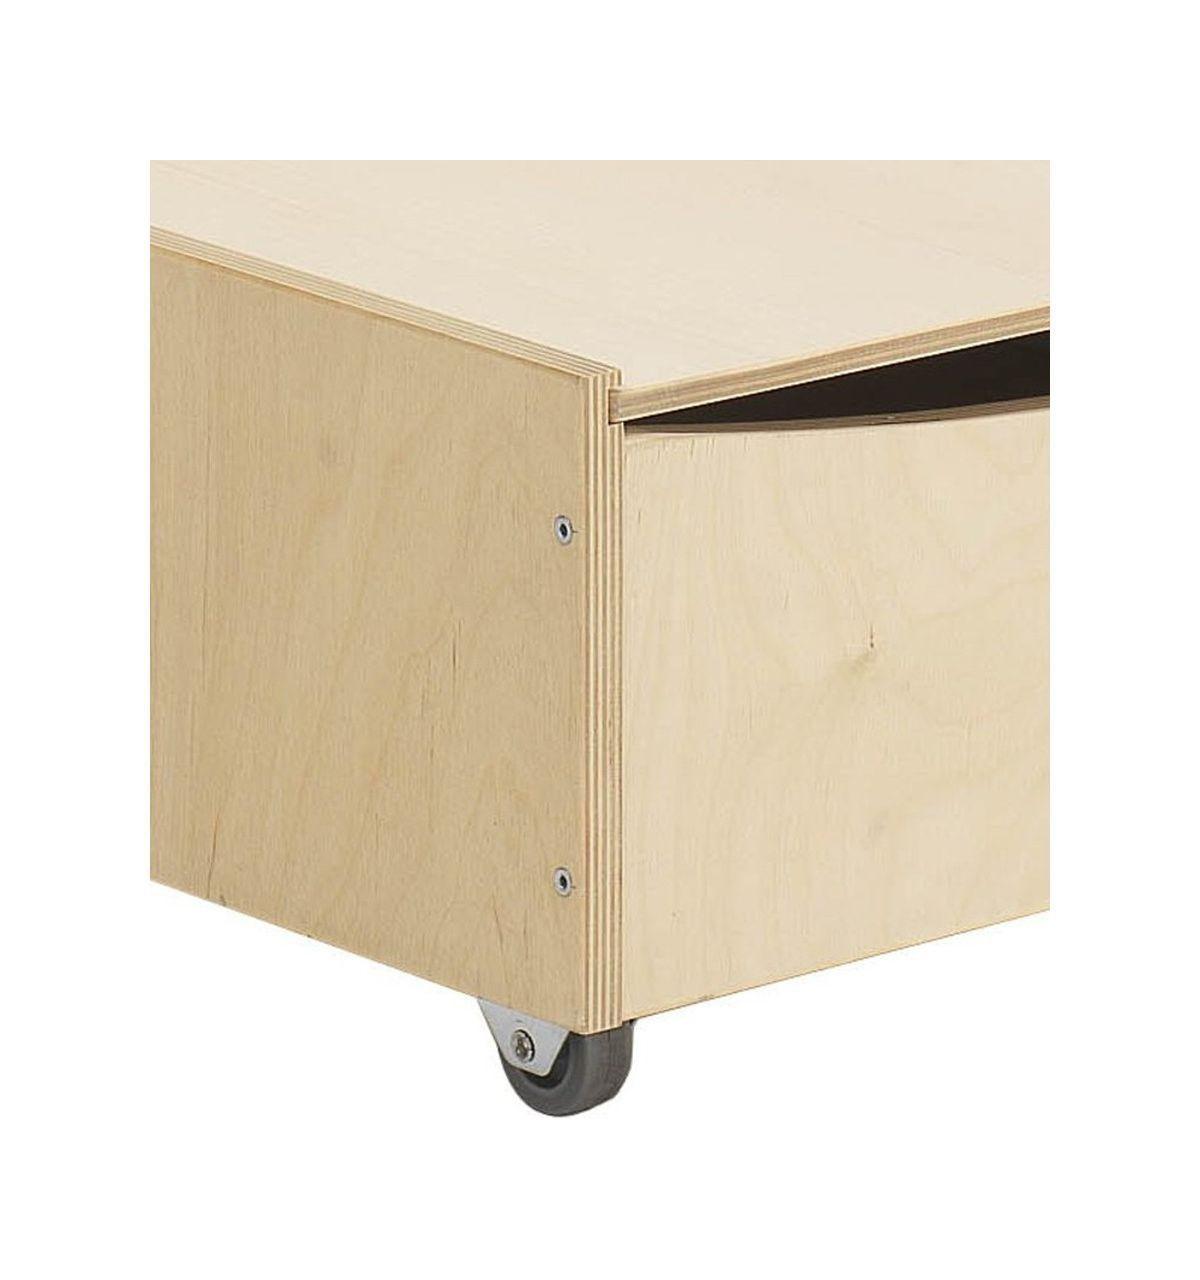 Hugs factory cassettone scatola sottoletto in legno for Scatola sottoletto